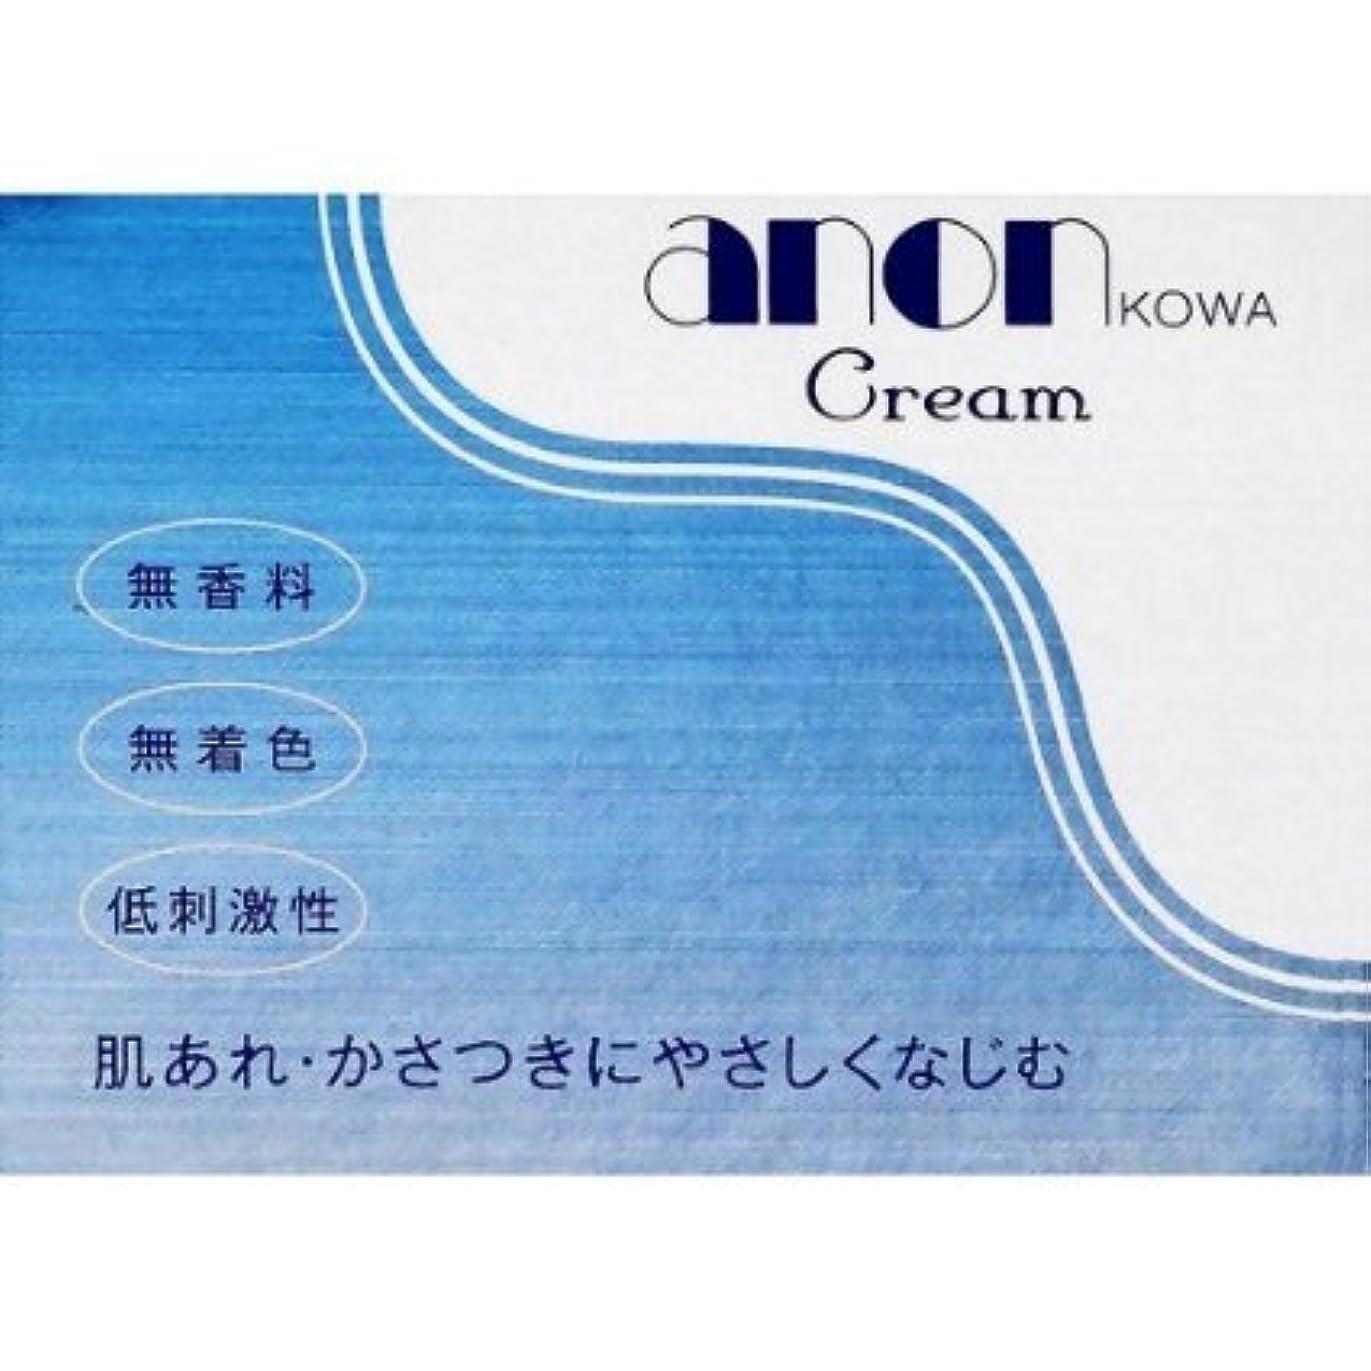 確立しますボーナス証明する興和新薬 アノンコーワクリーム80g×2 1847